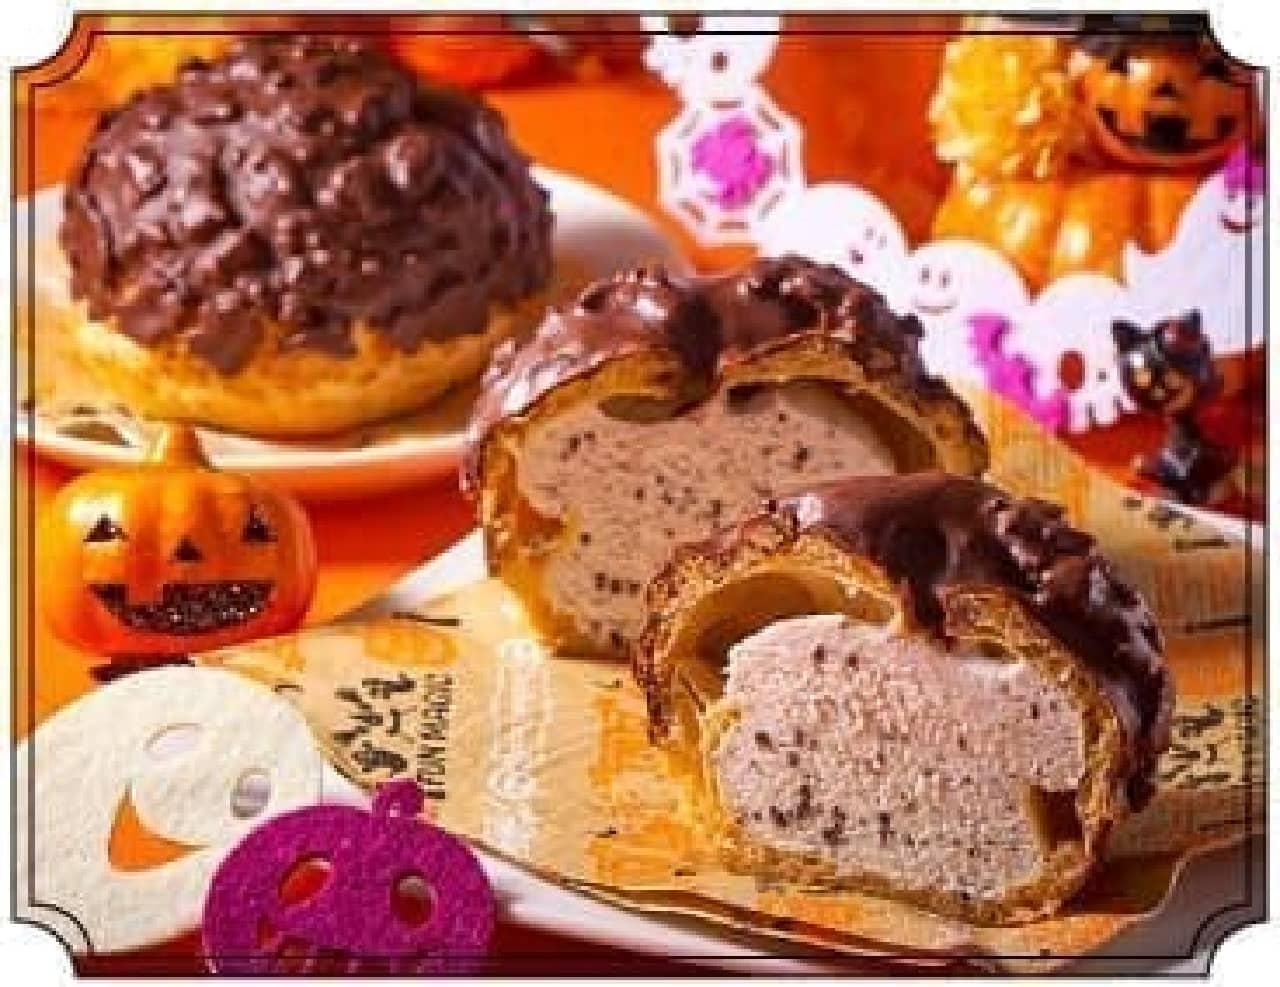 セブン-イレブン「ざくざく食感クッキー&クリームシュー」